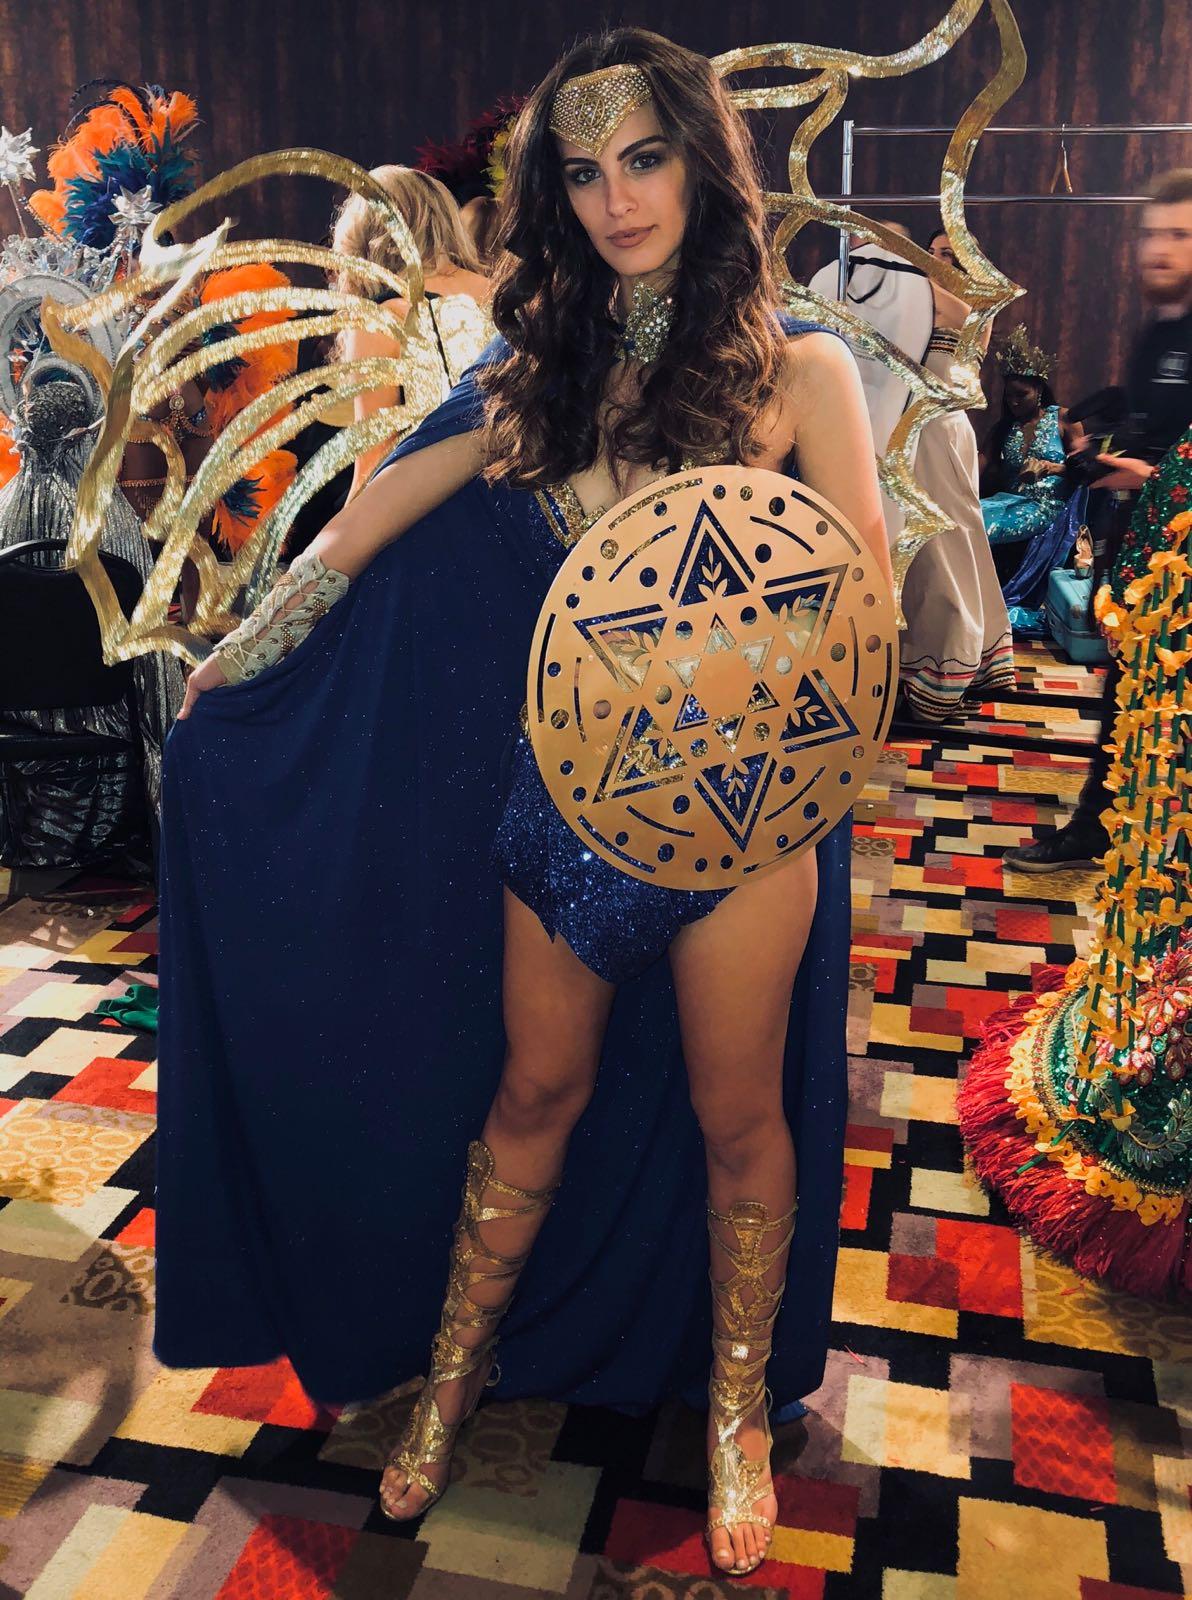 מחזיקים לך אצבעות... אדר גנדלסמן בתלבושת וונד וומן מתכוונת לתחרות מיס יוניברס בווגאס צילום יחצ